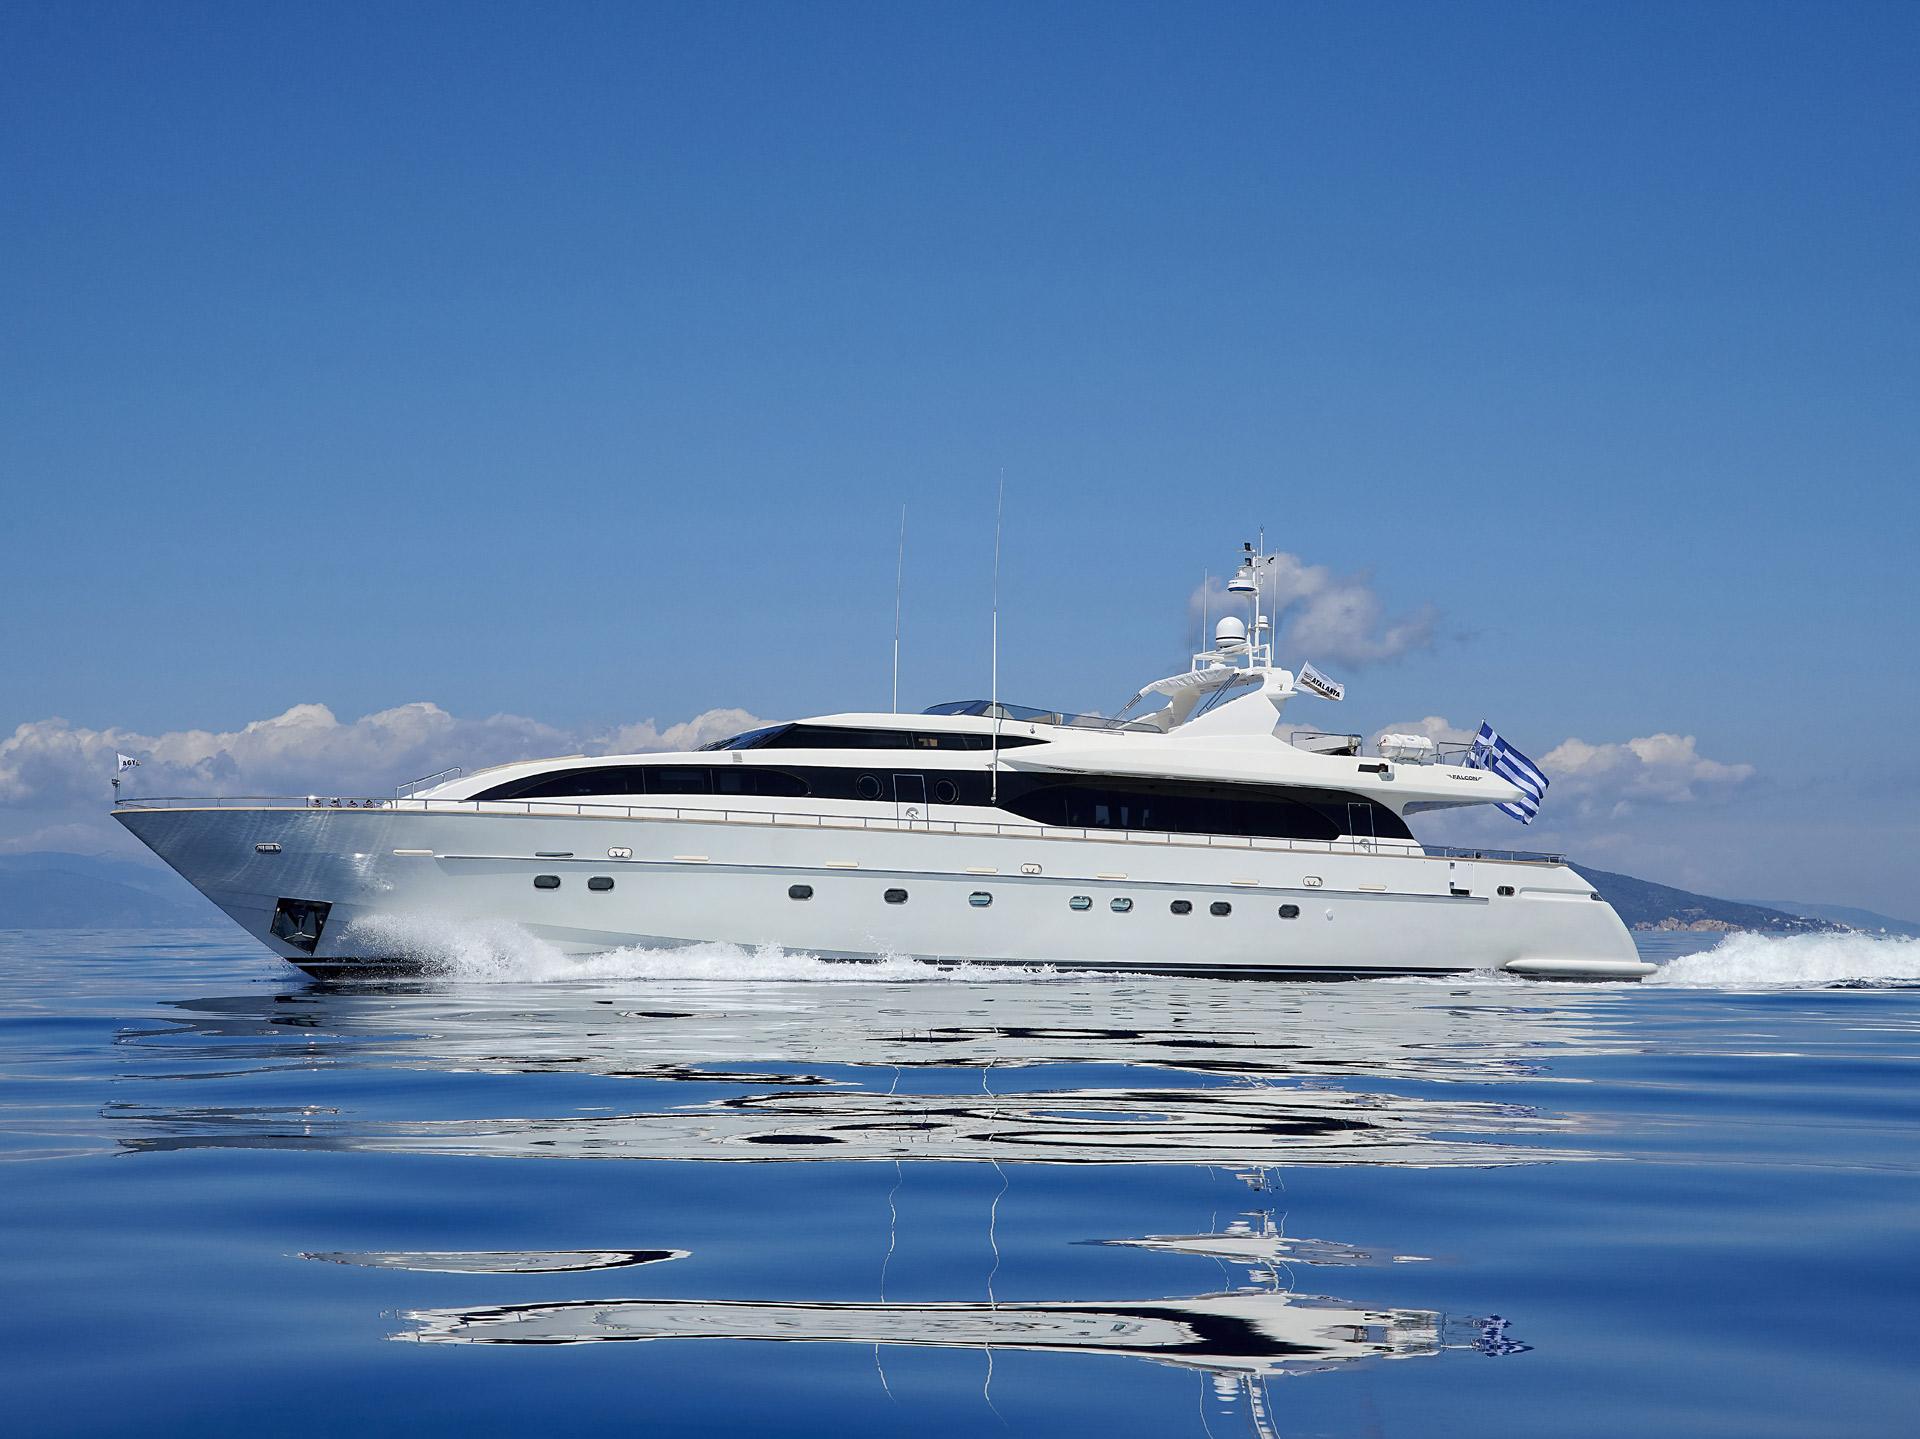 CELIA-yacht-Falcon-yachts-01.jpg